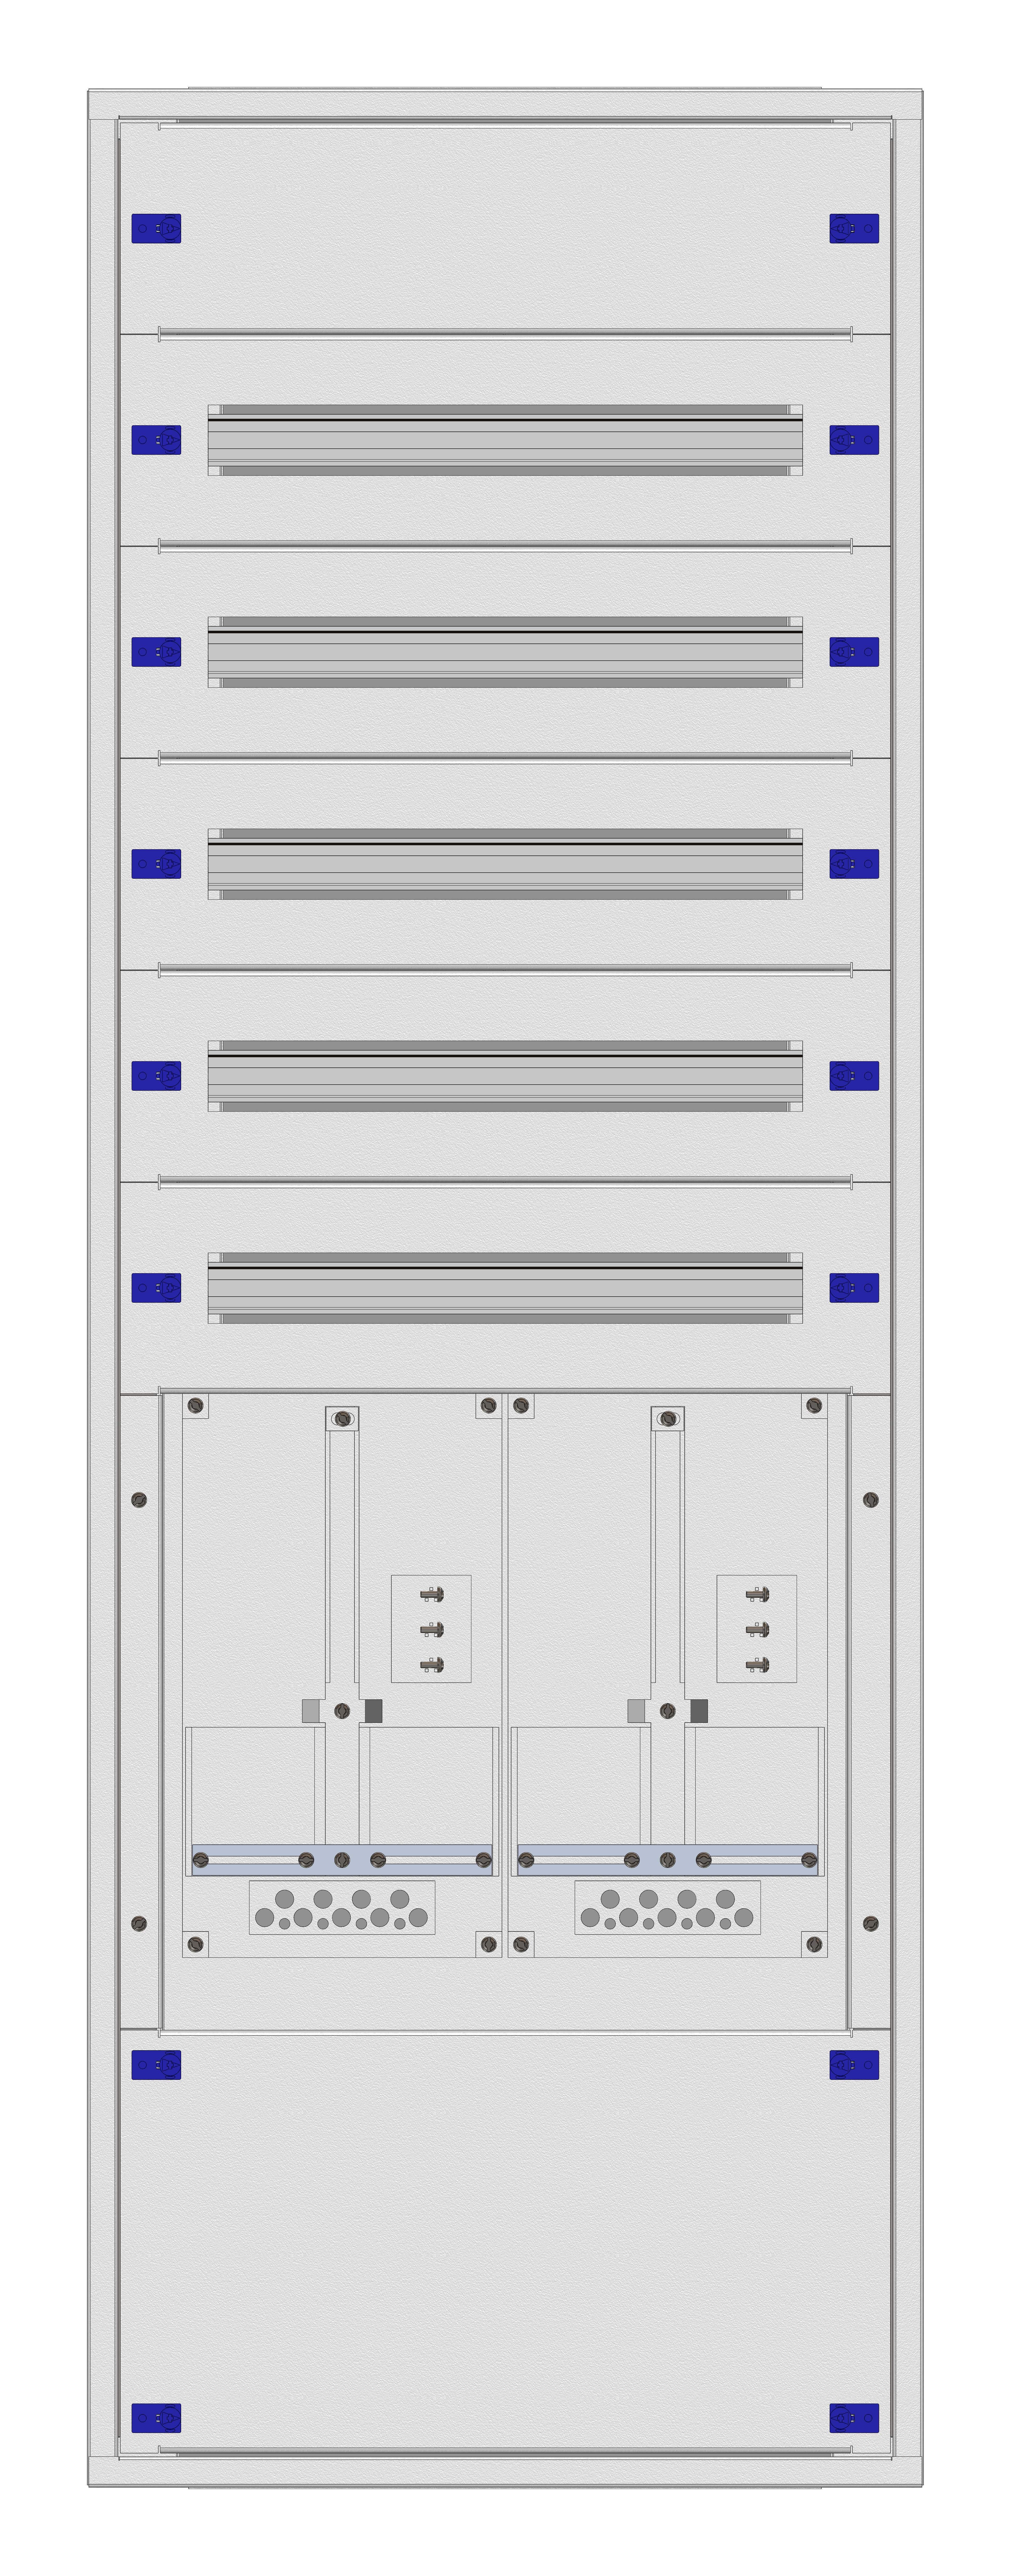 1 Stk Aufputz-Zählerverteiler 2A-33E/TIR 2ZP, H1605B590T250mm IL160233TS